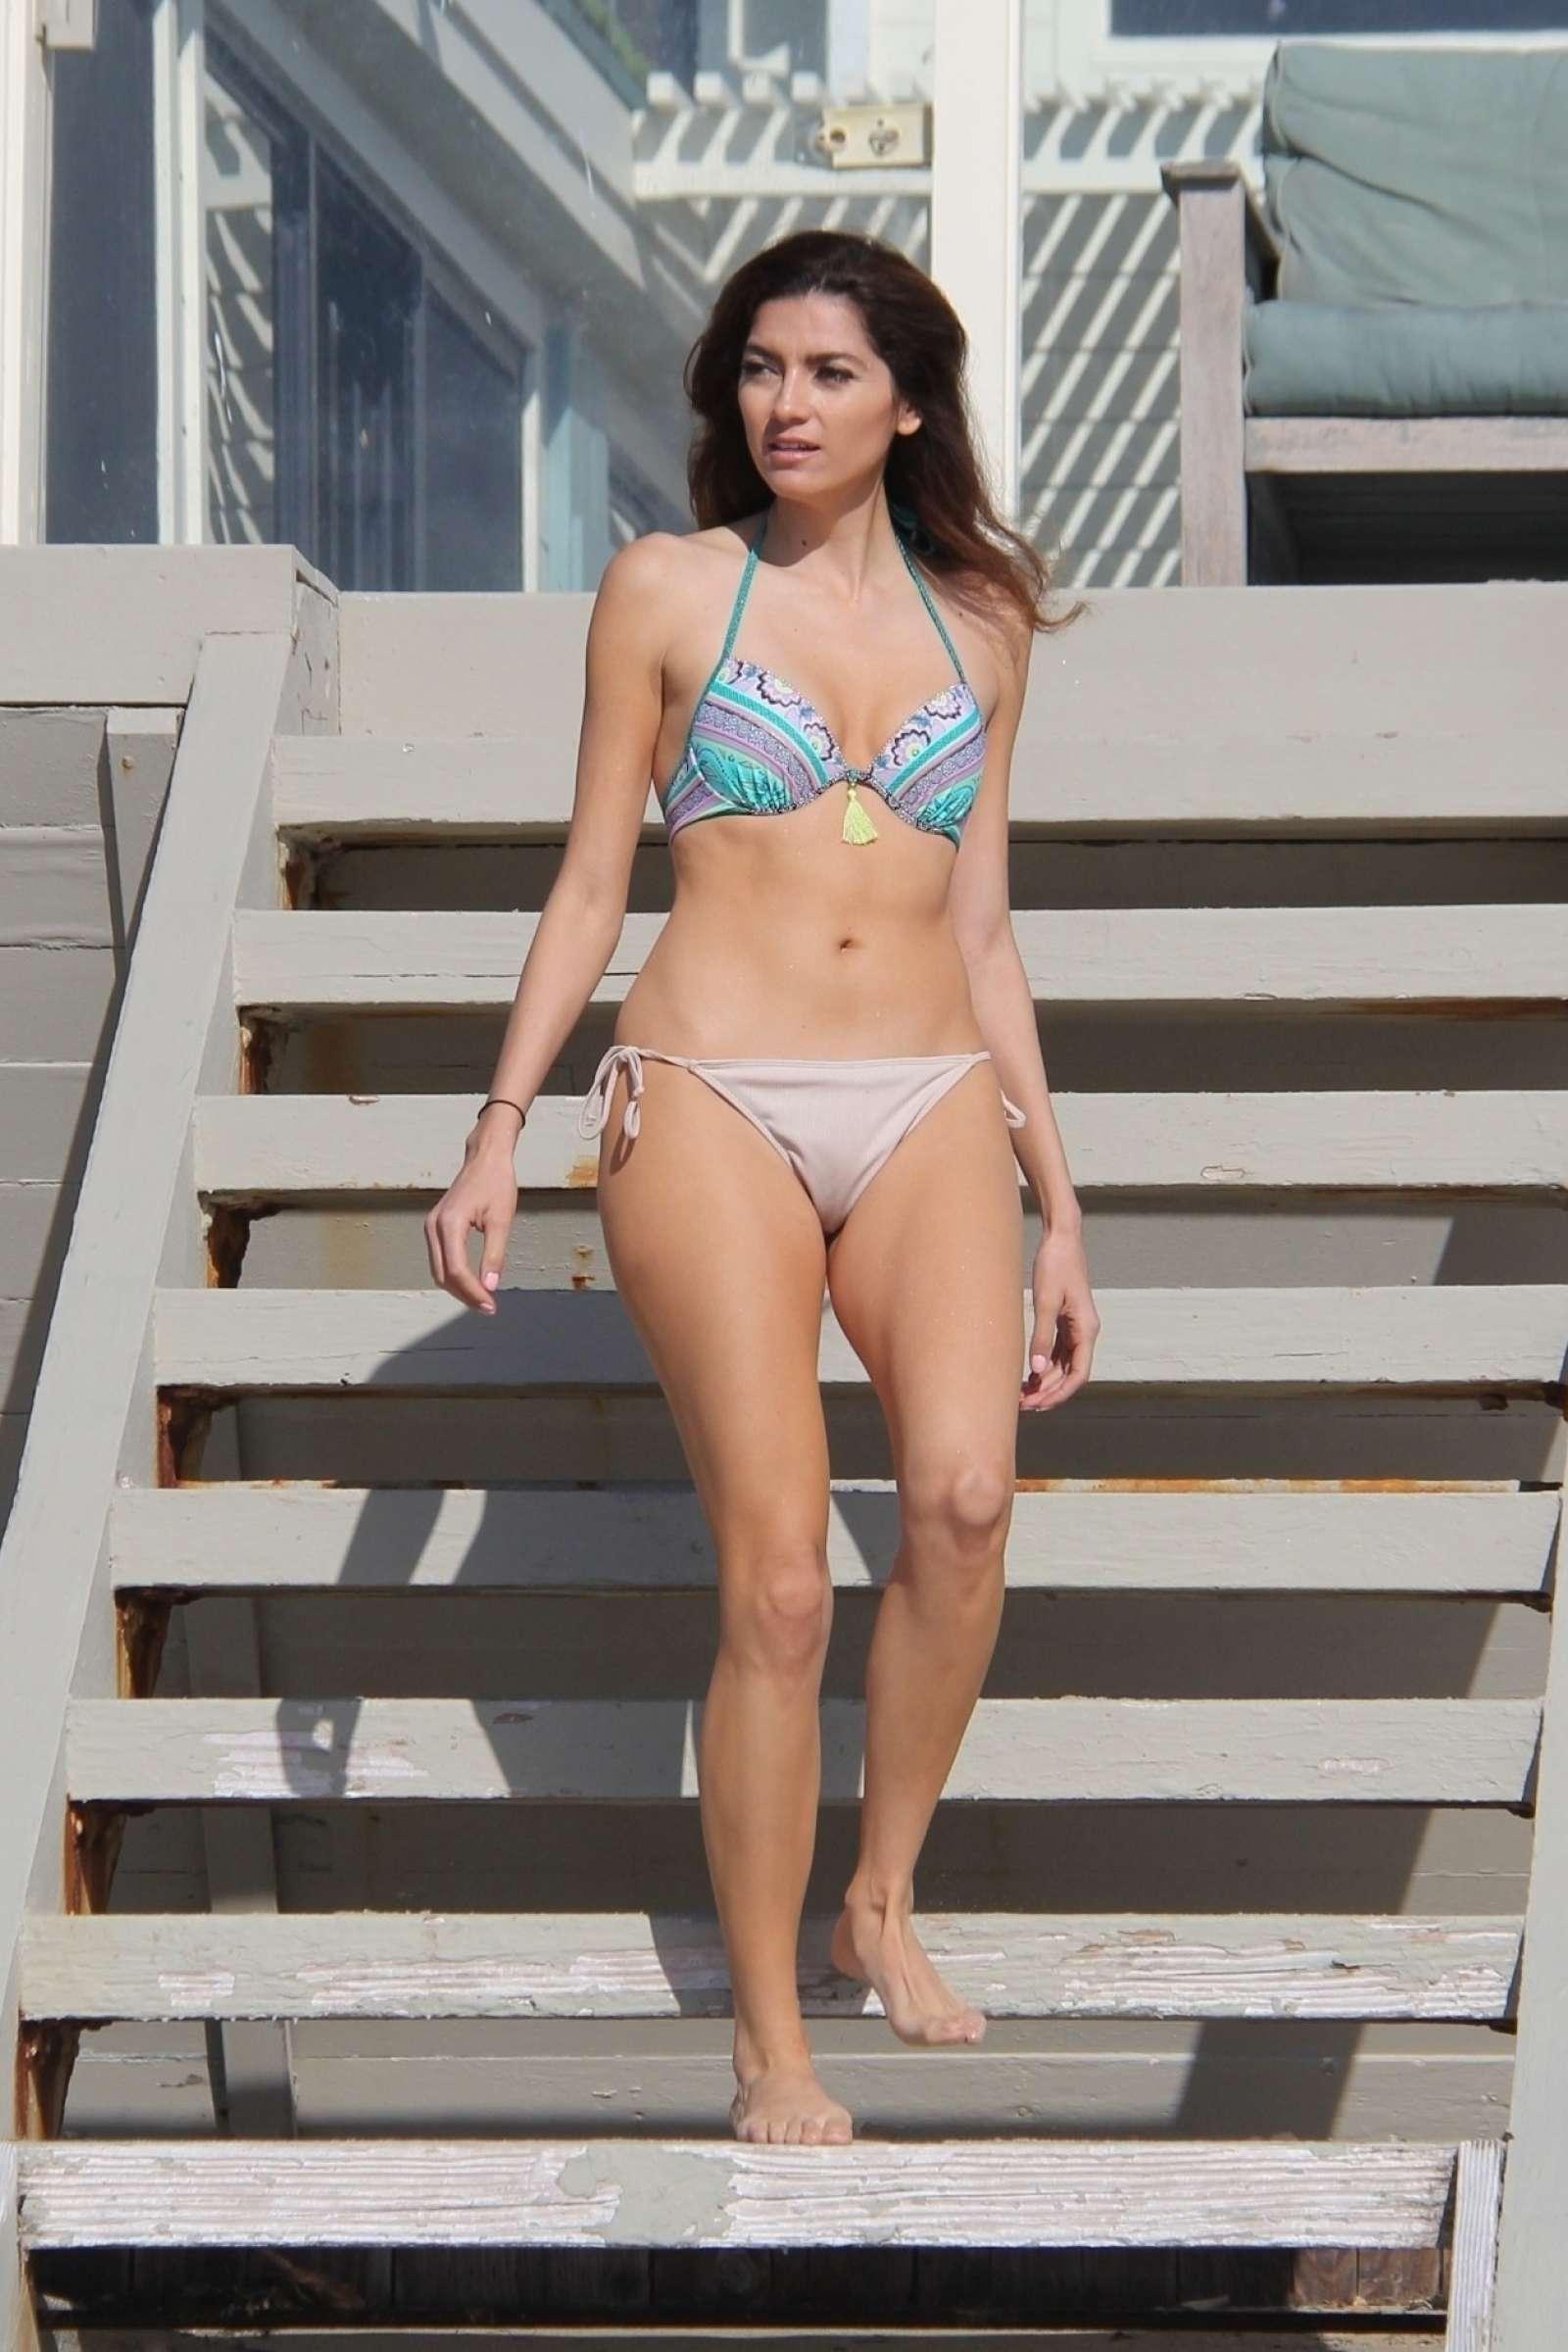 Blanca Blanco Bikini Candids at the beach in Malibu